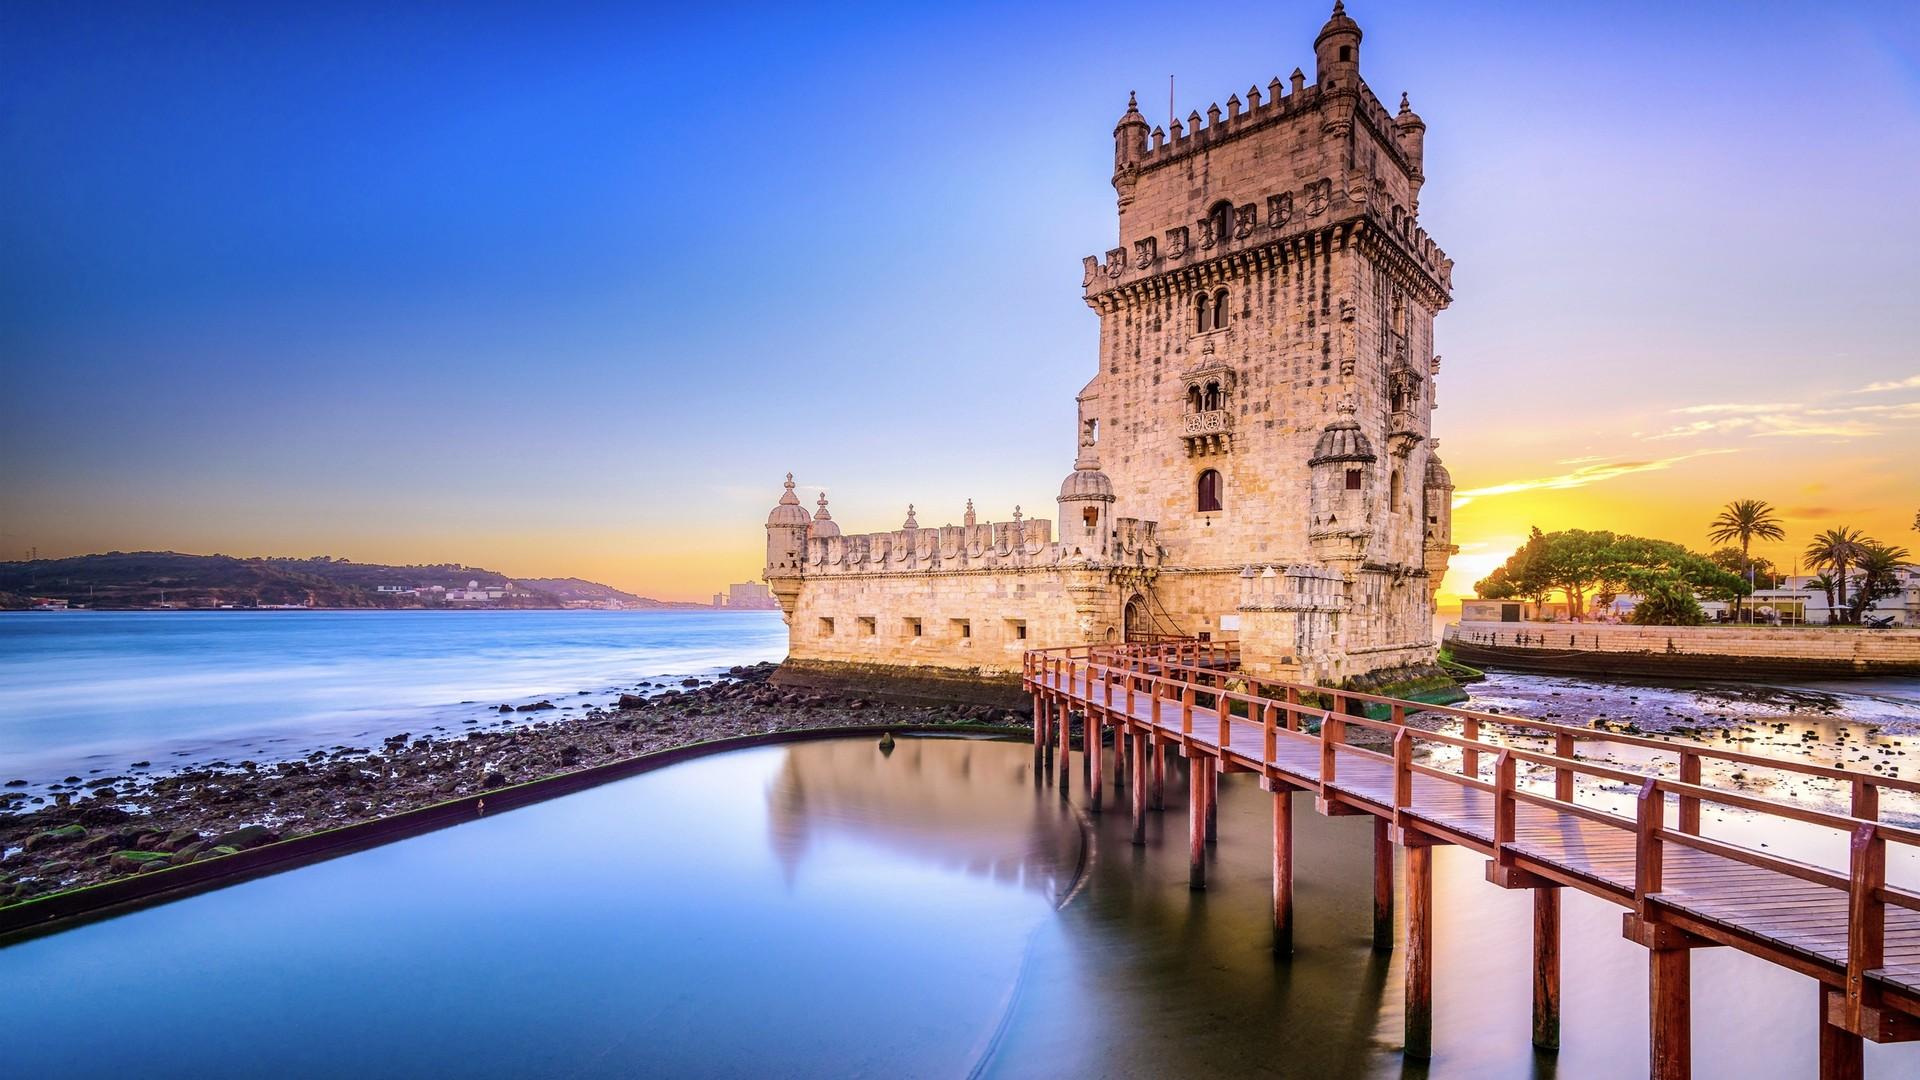 葡萄牙里斯本城市高清动态壁纸